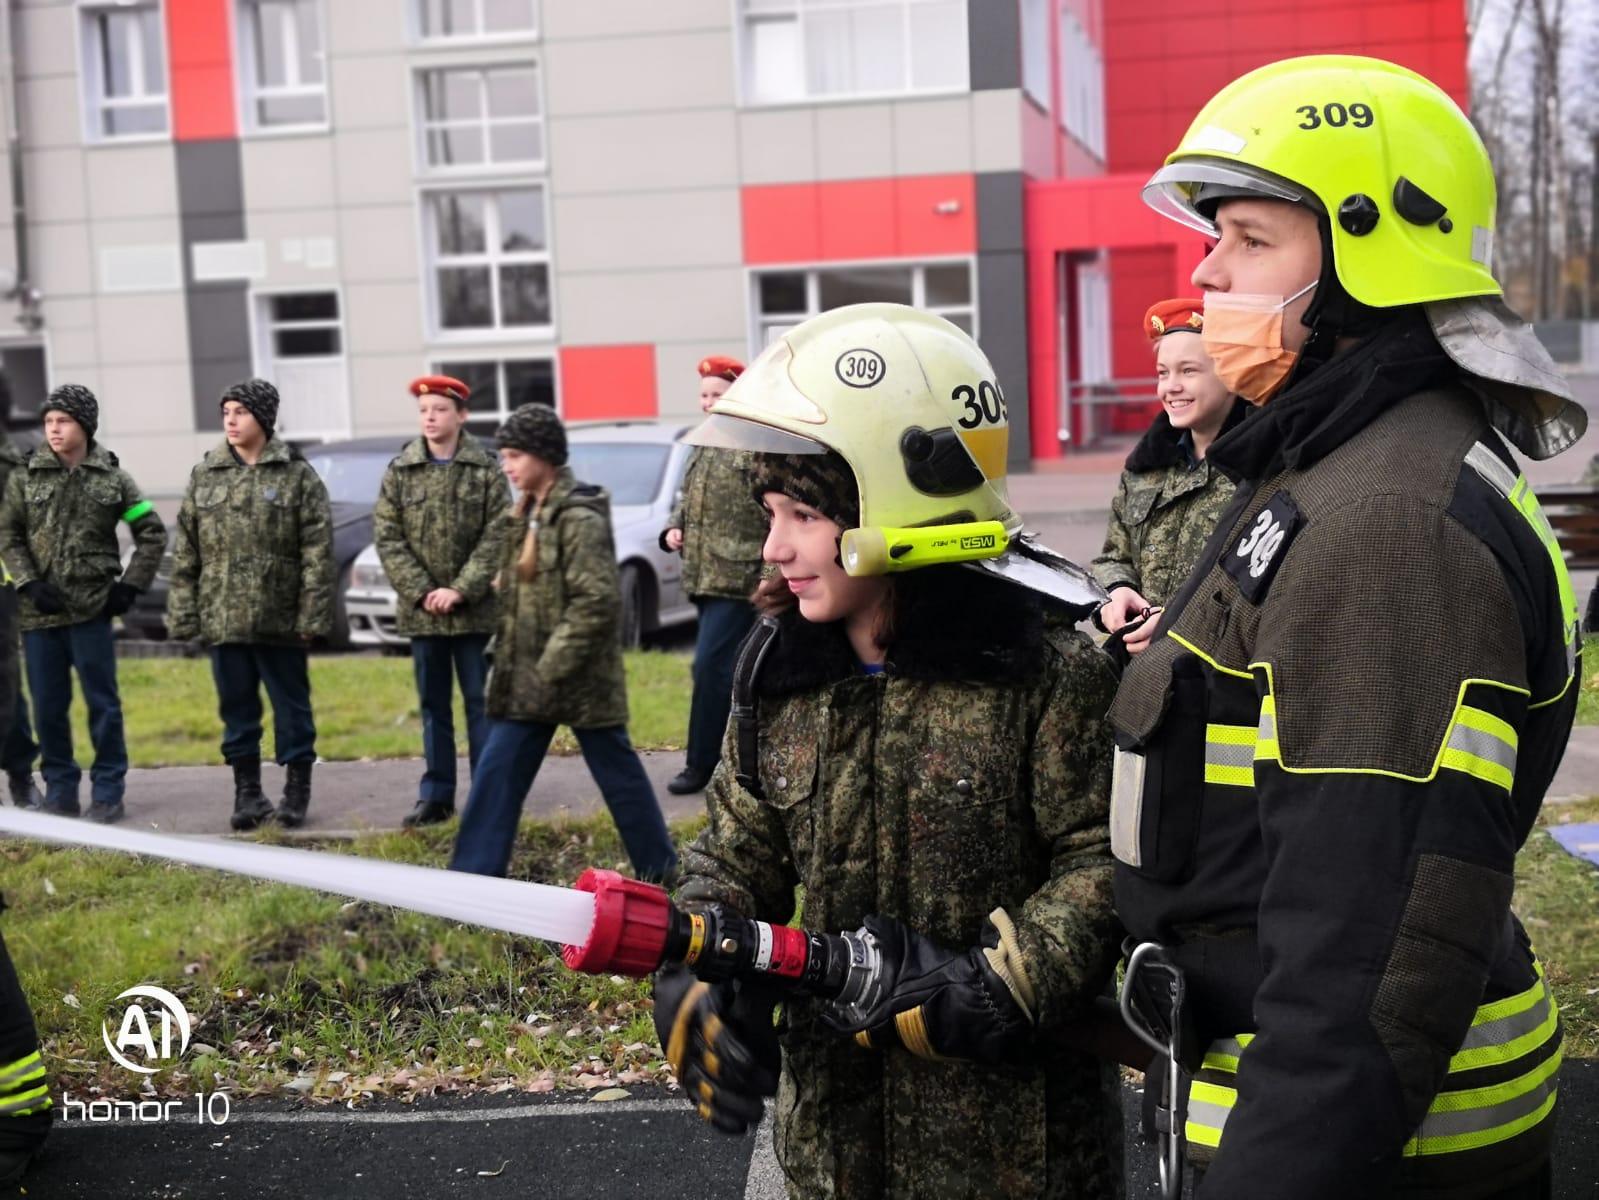 Московские школьники познакомились с историей гражданской обороны и узнали, как себя вести при пожаре